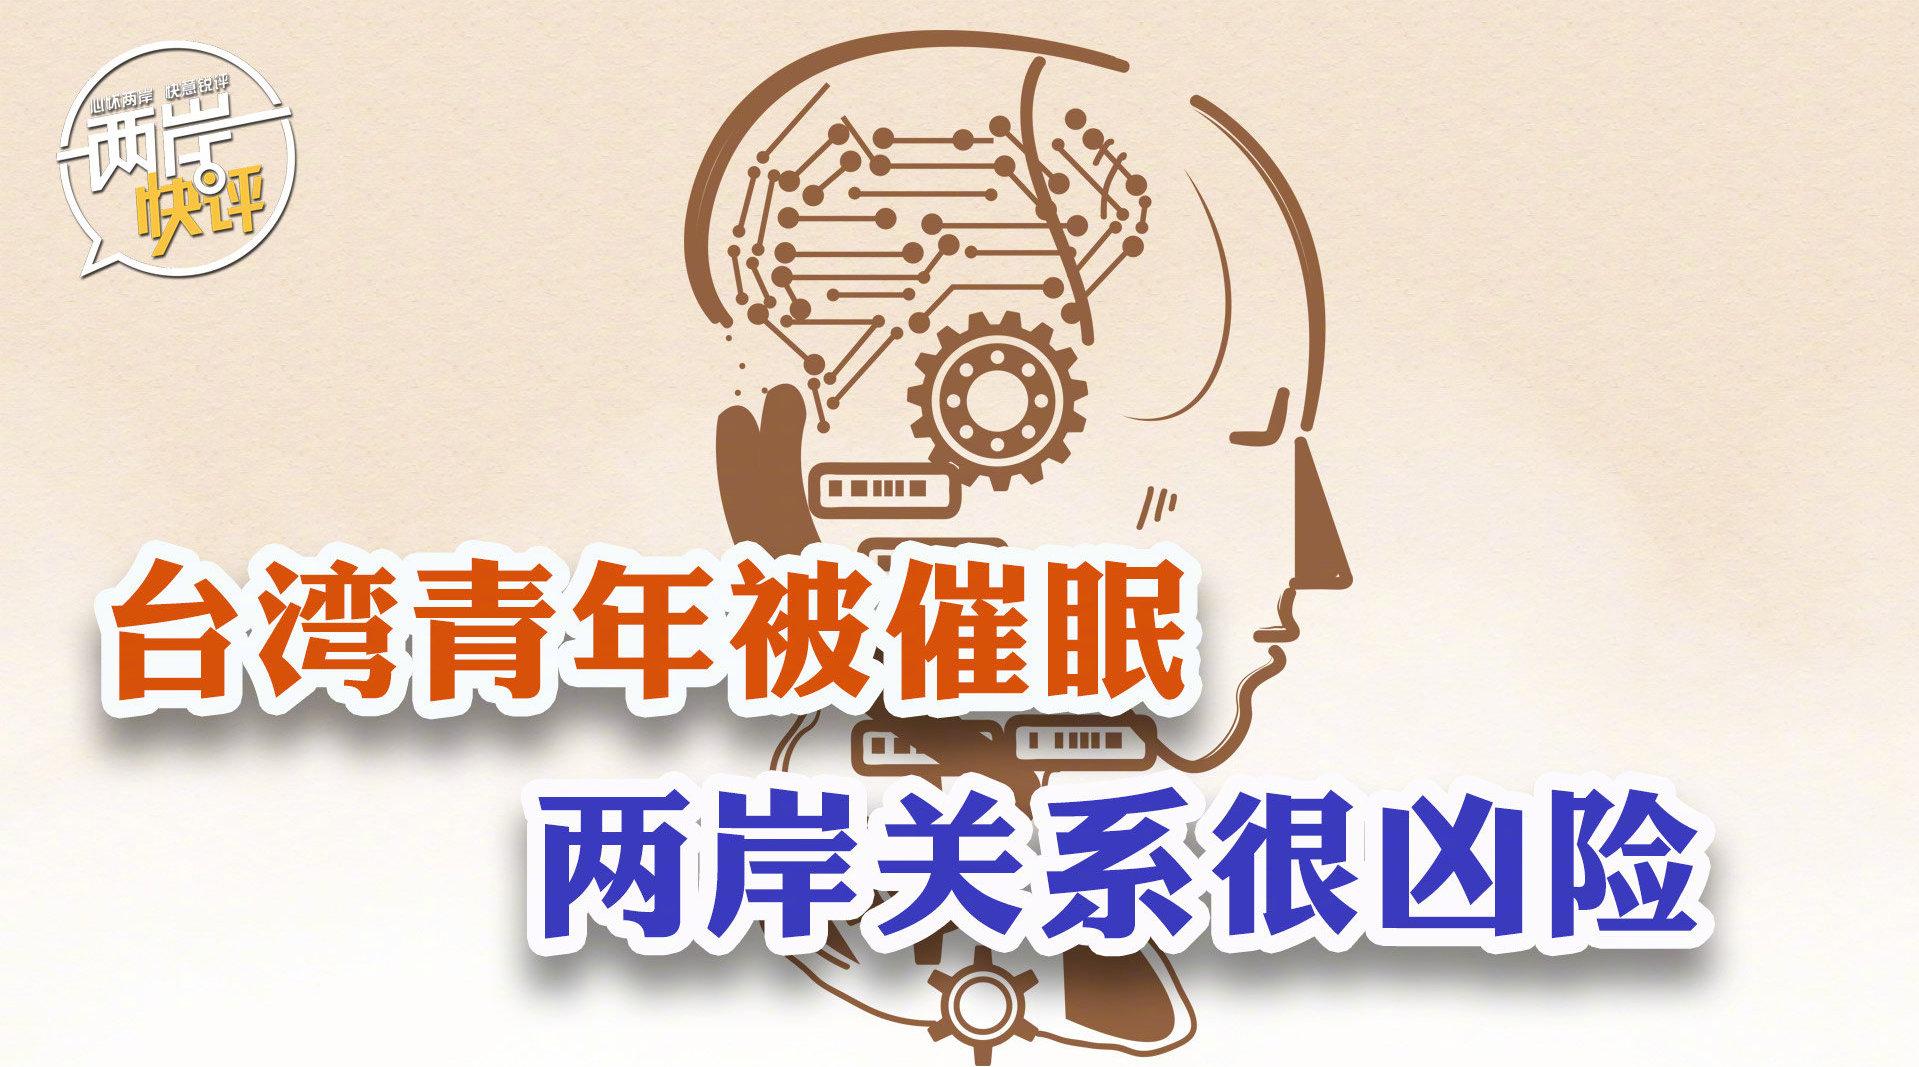 台湾青年被催眠,两岸关系很凶险